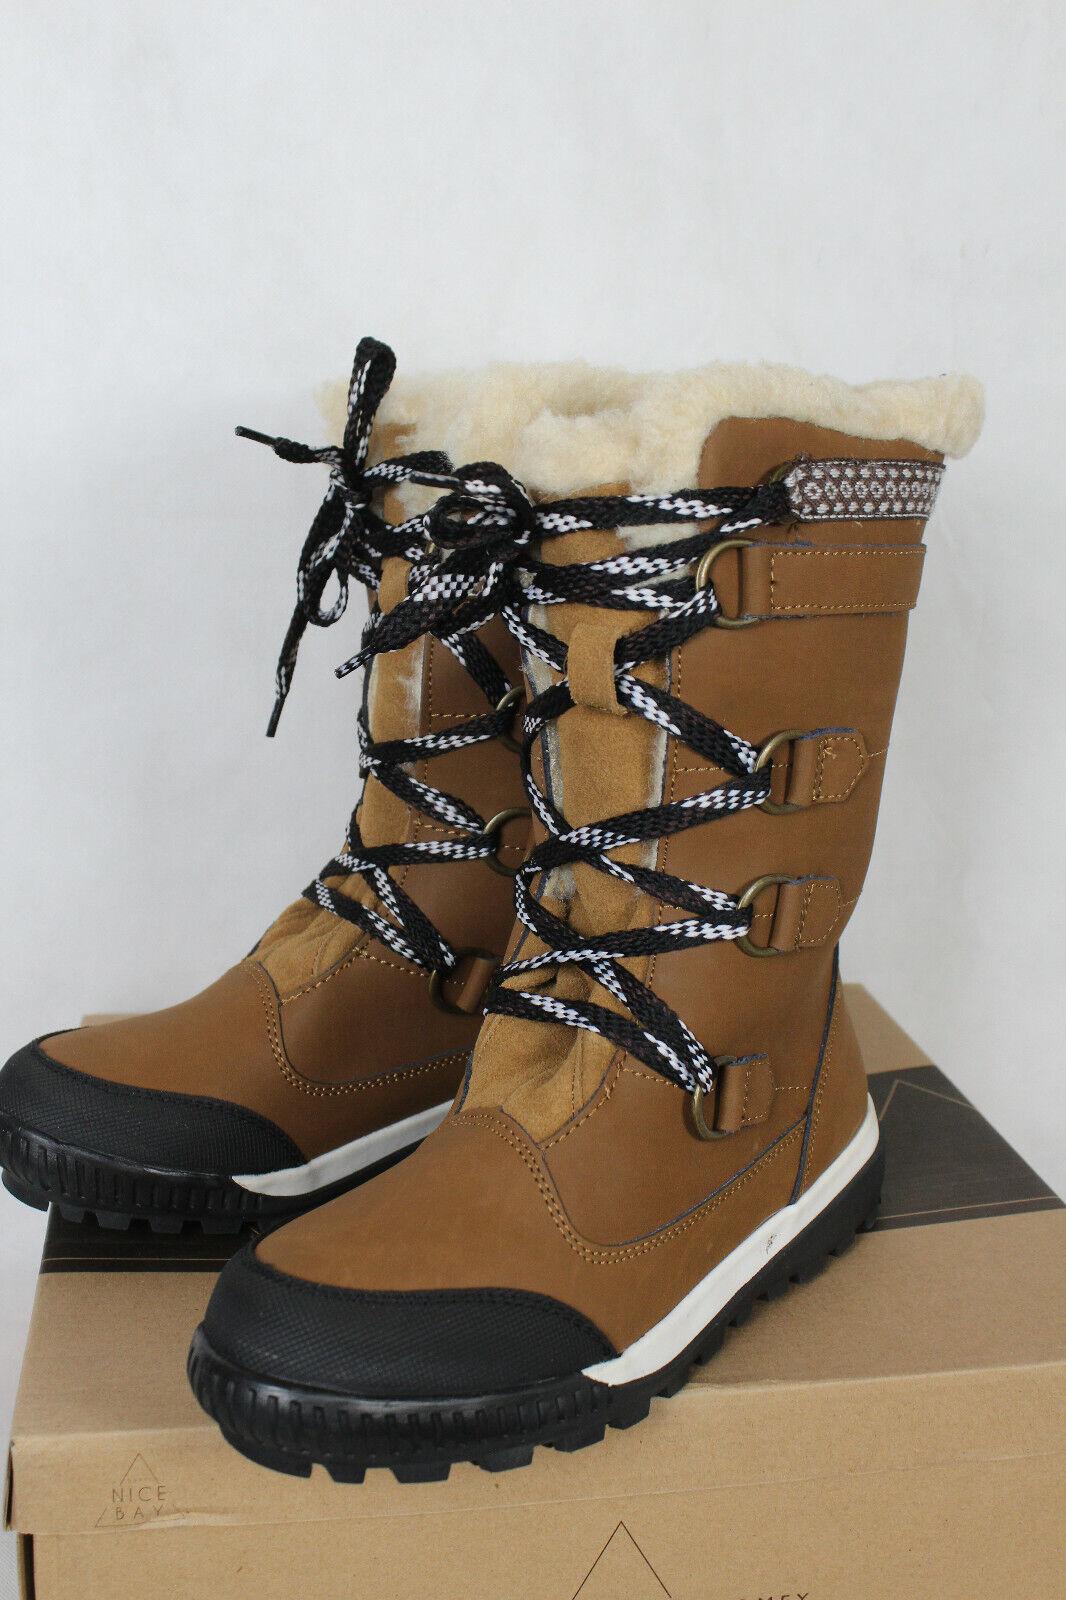 Nicebay Borah Chaussures bottes en cuir avec Laine Doubleure Femmes Taille 40,neu, LP